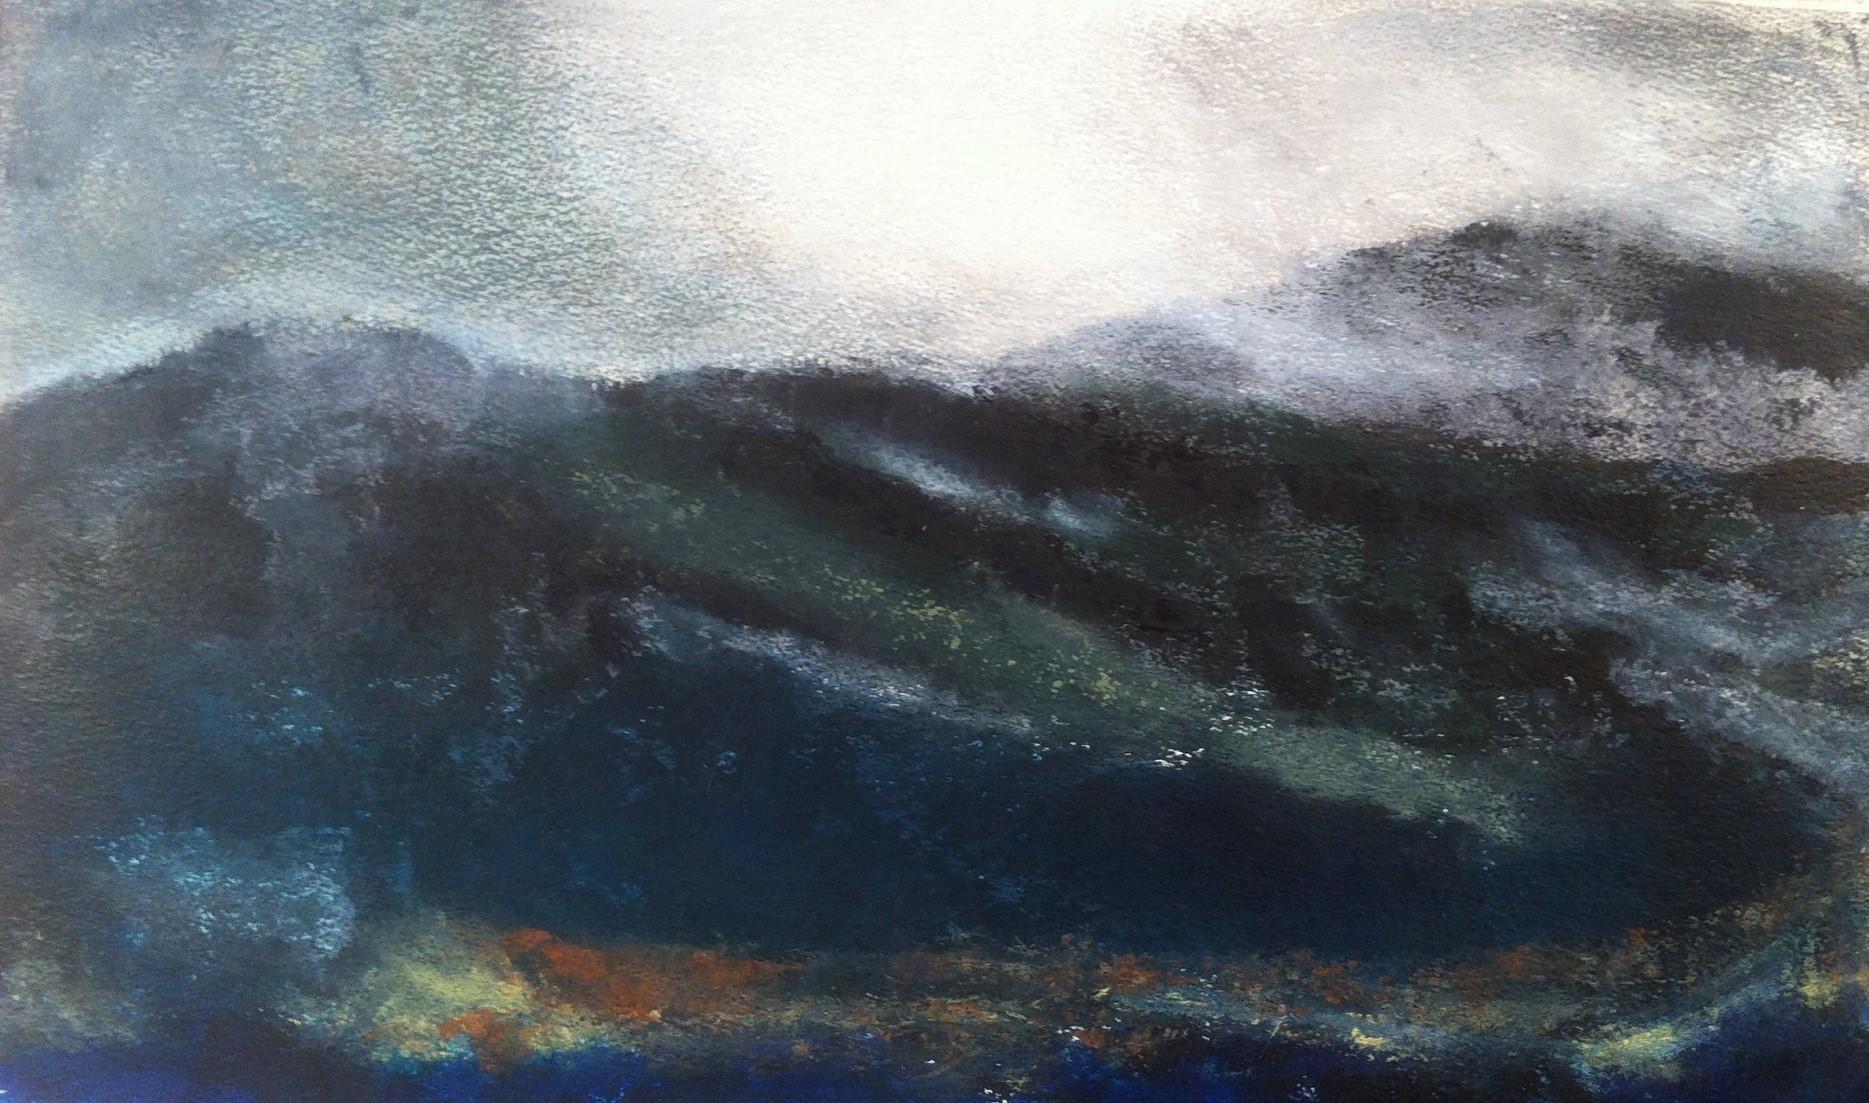 N°754 - Mer ou montagne - Acrylique sur papier - 36 x 59,5 cm - 25 octobre 2013